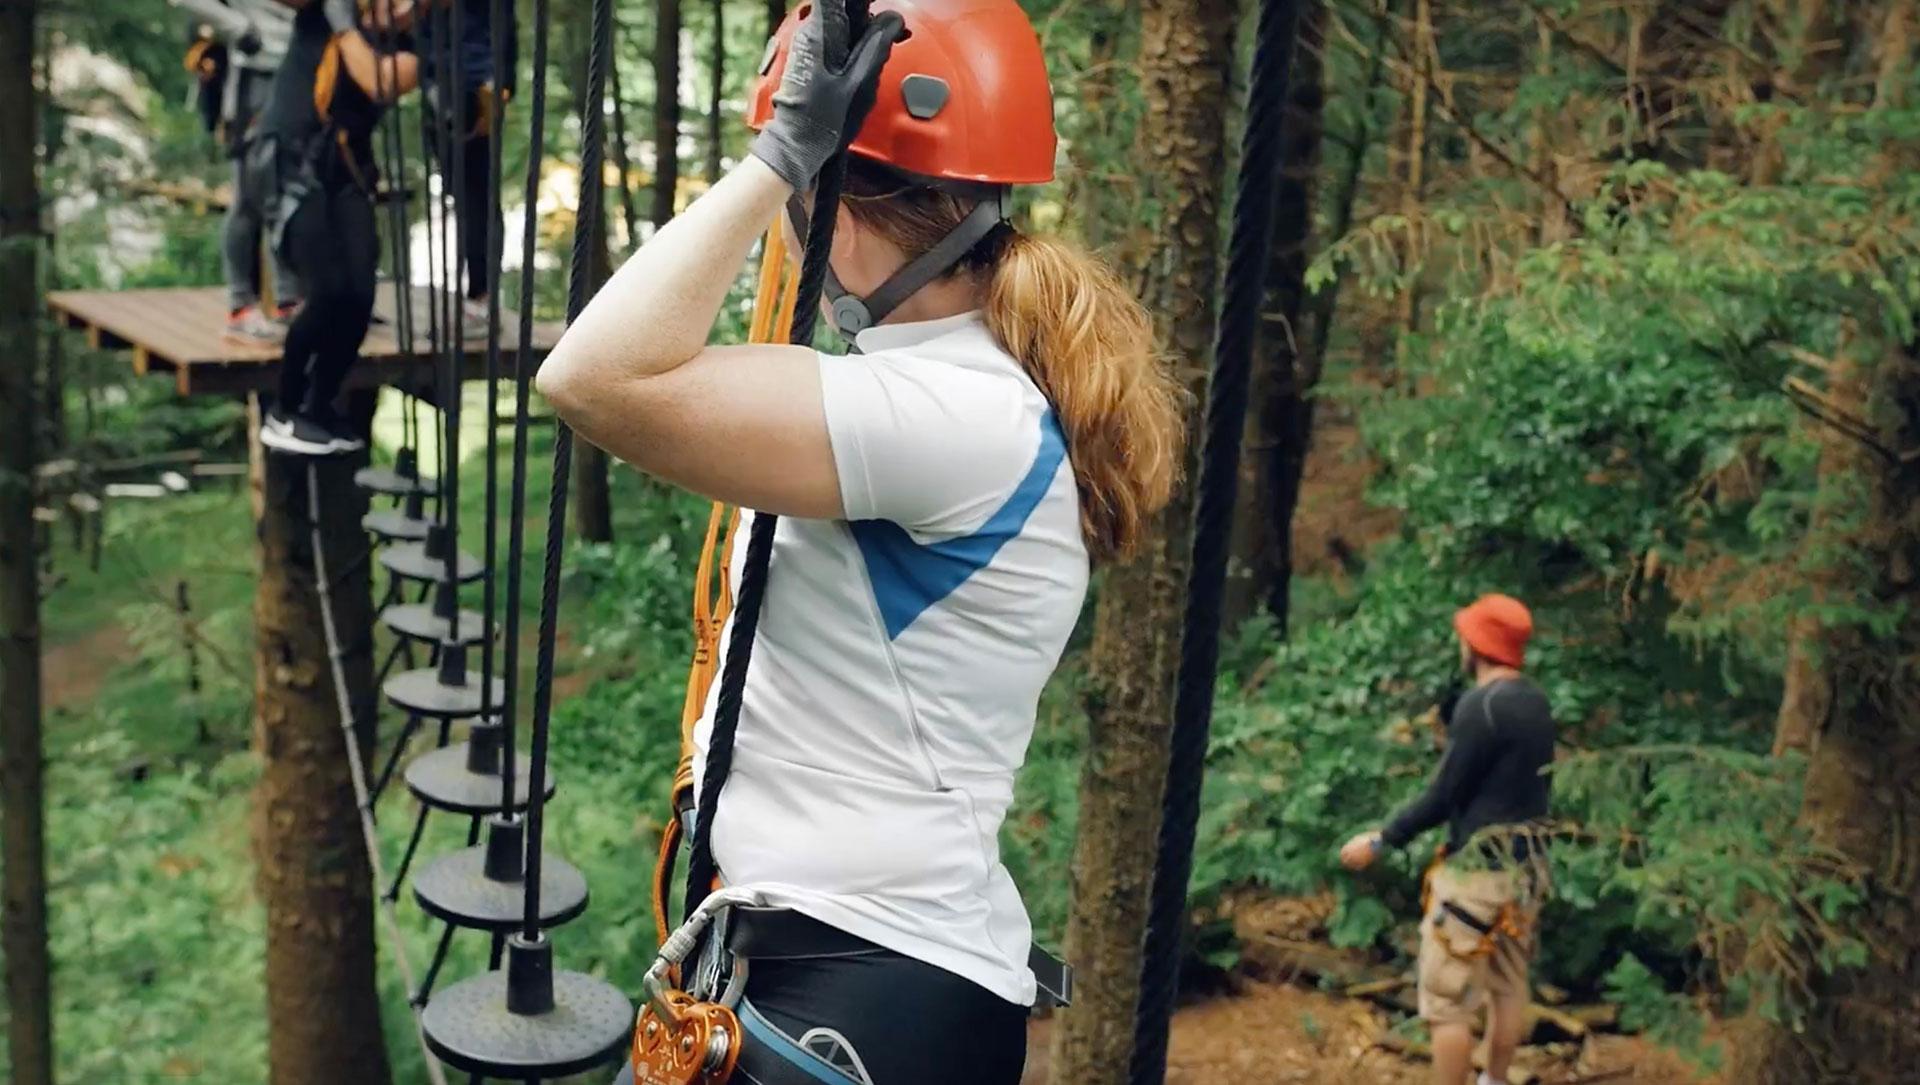 RSA-klatre-3-personer-rebgang